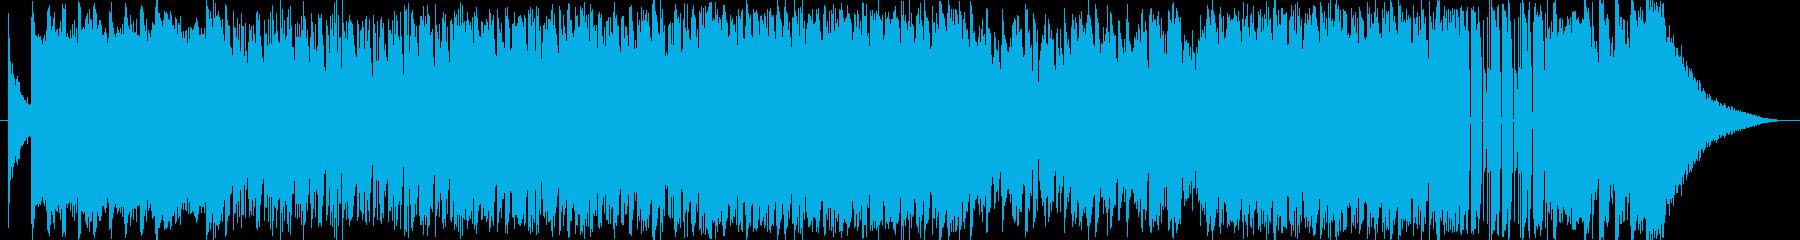 オープニングにうってつけエレクトロロックの再生済みの波形